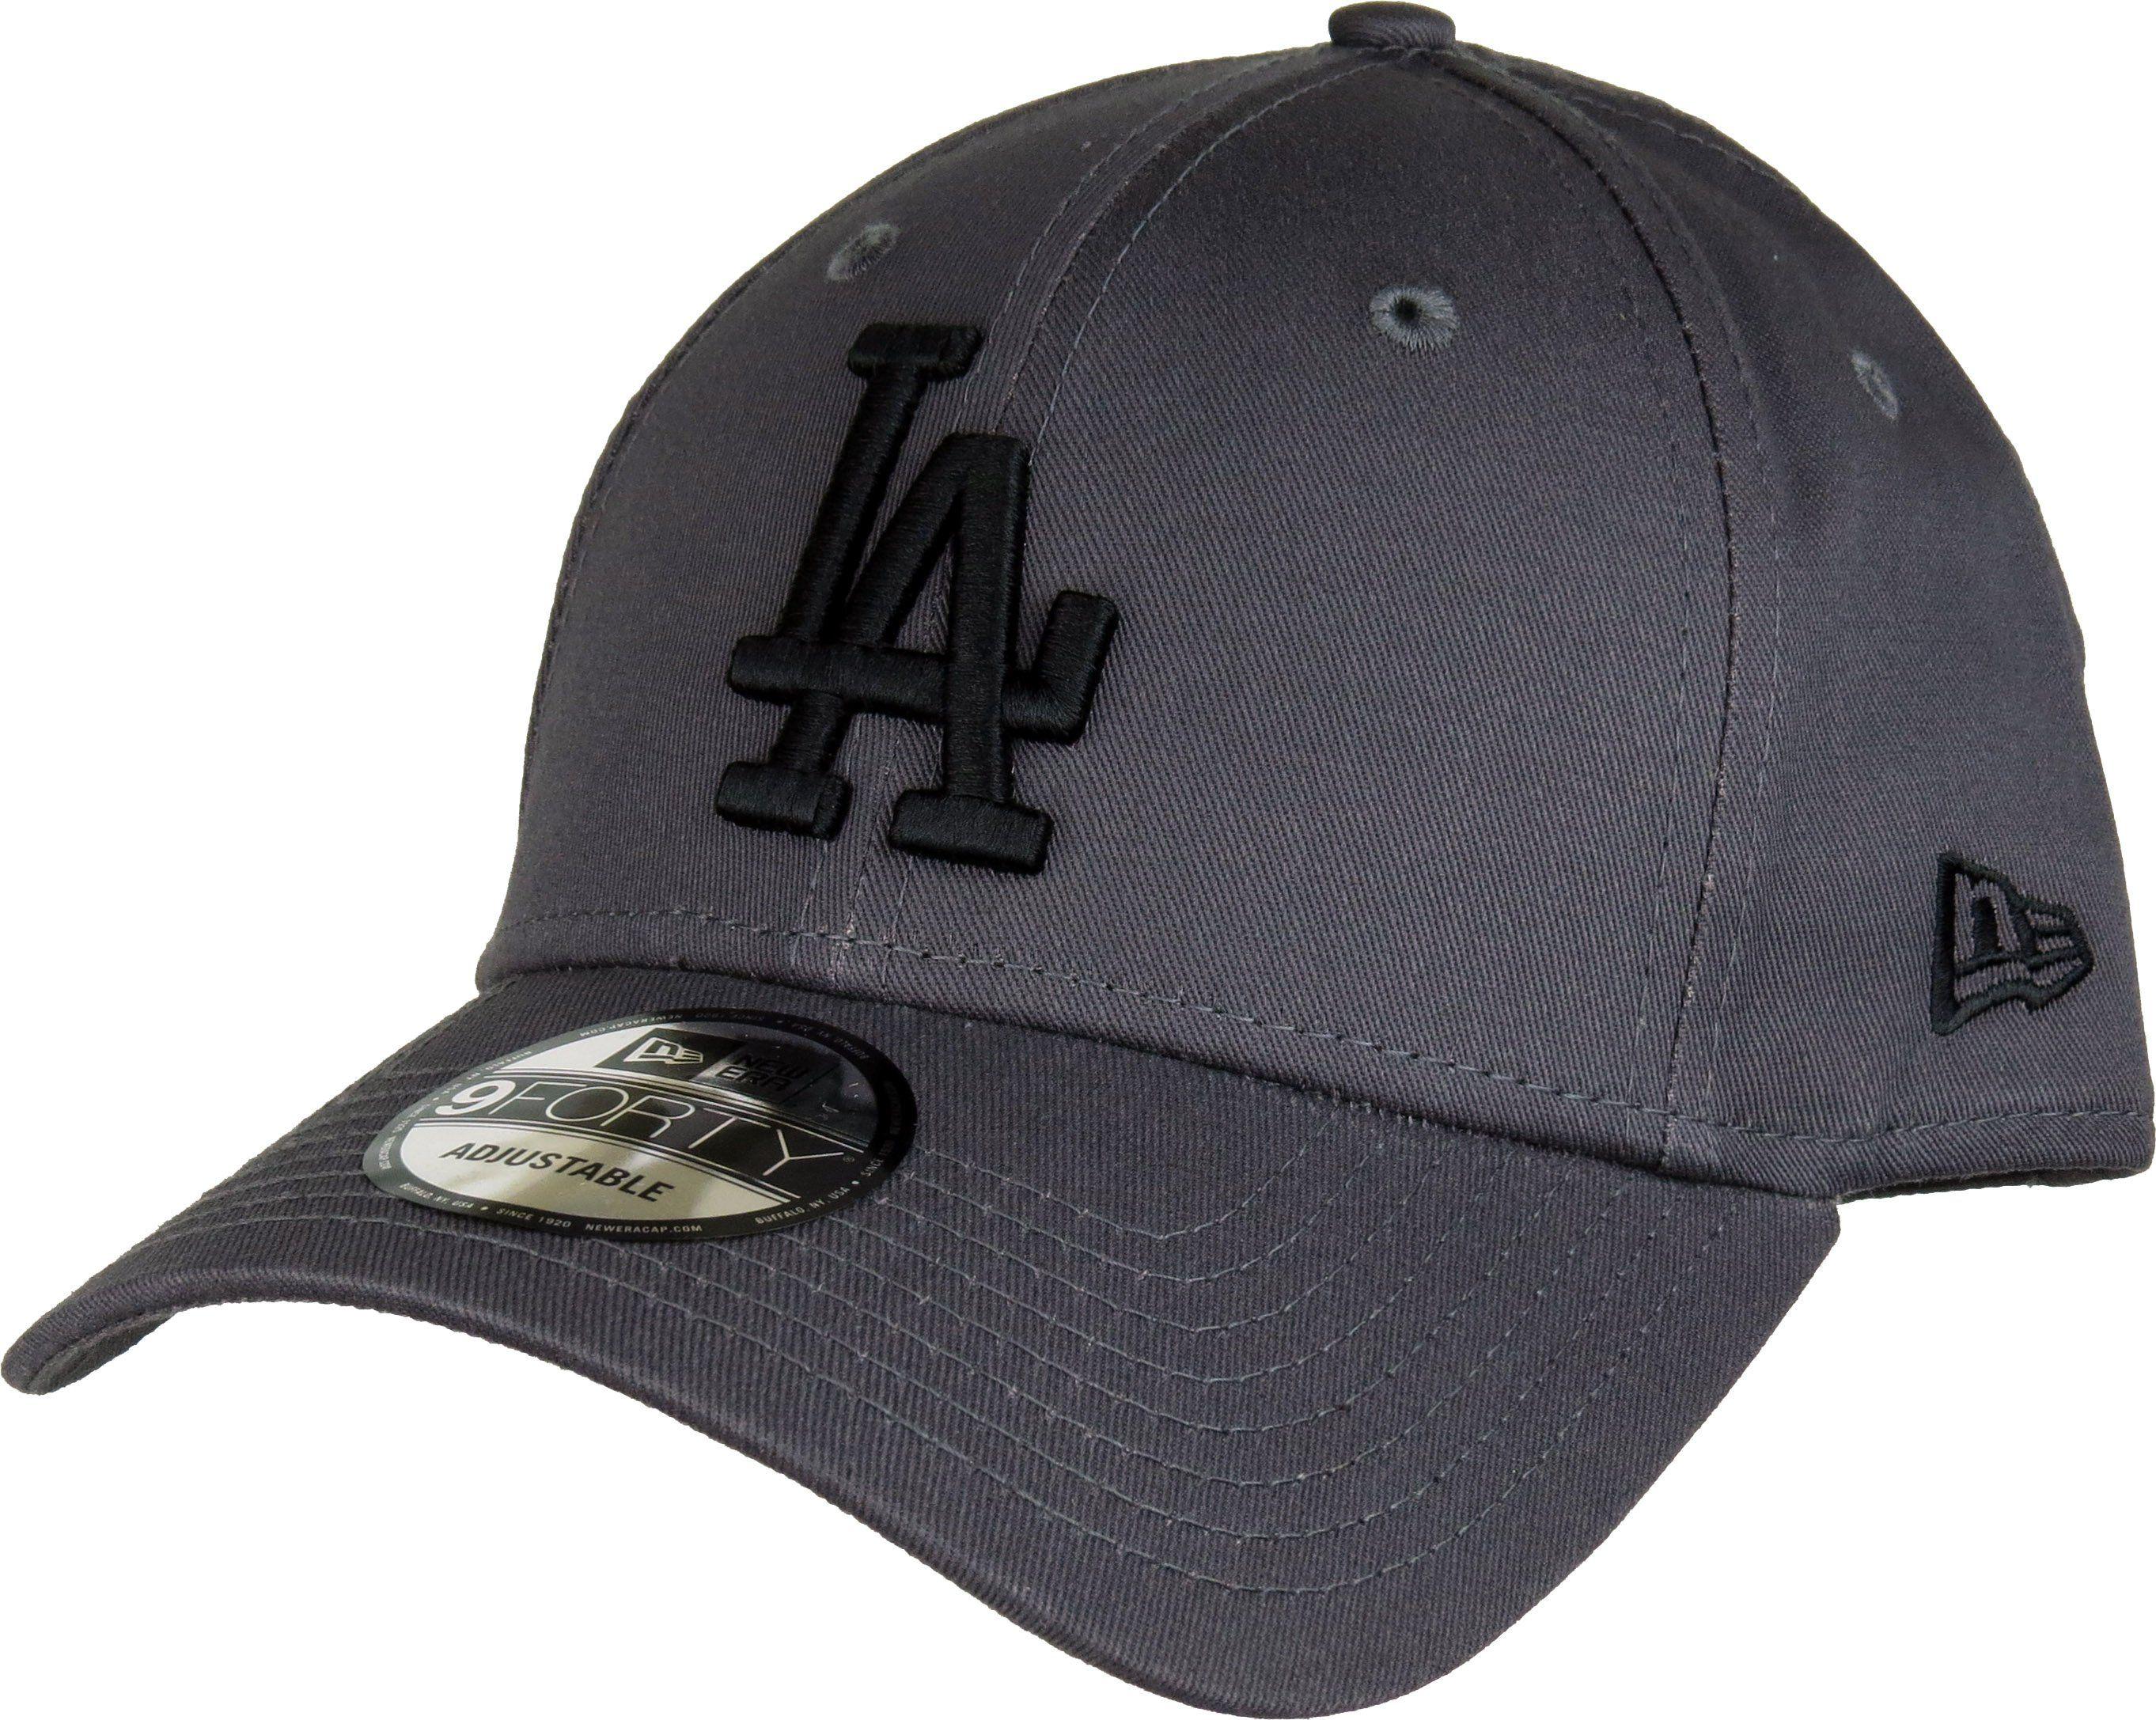 c68331701c7 New Era 940 League Essential LA Dodgers Baseball Cap Grey